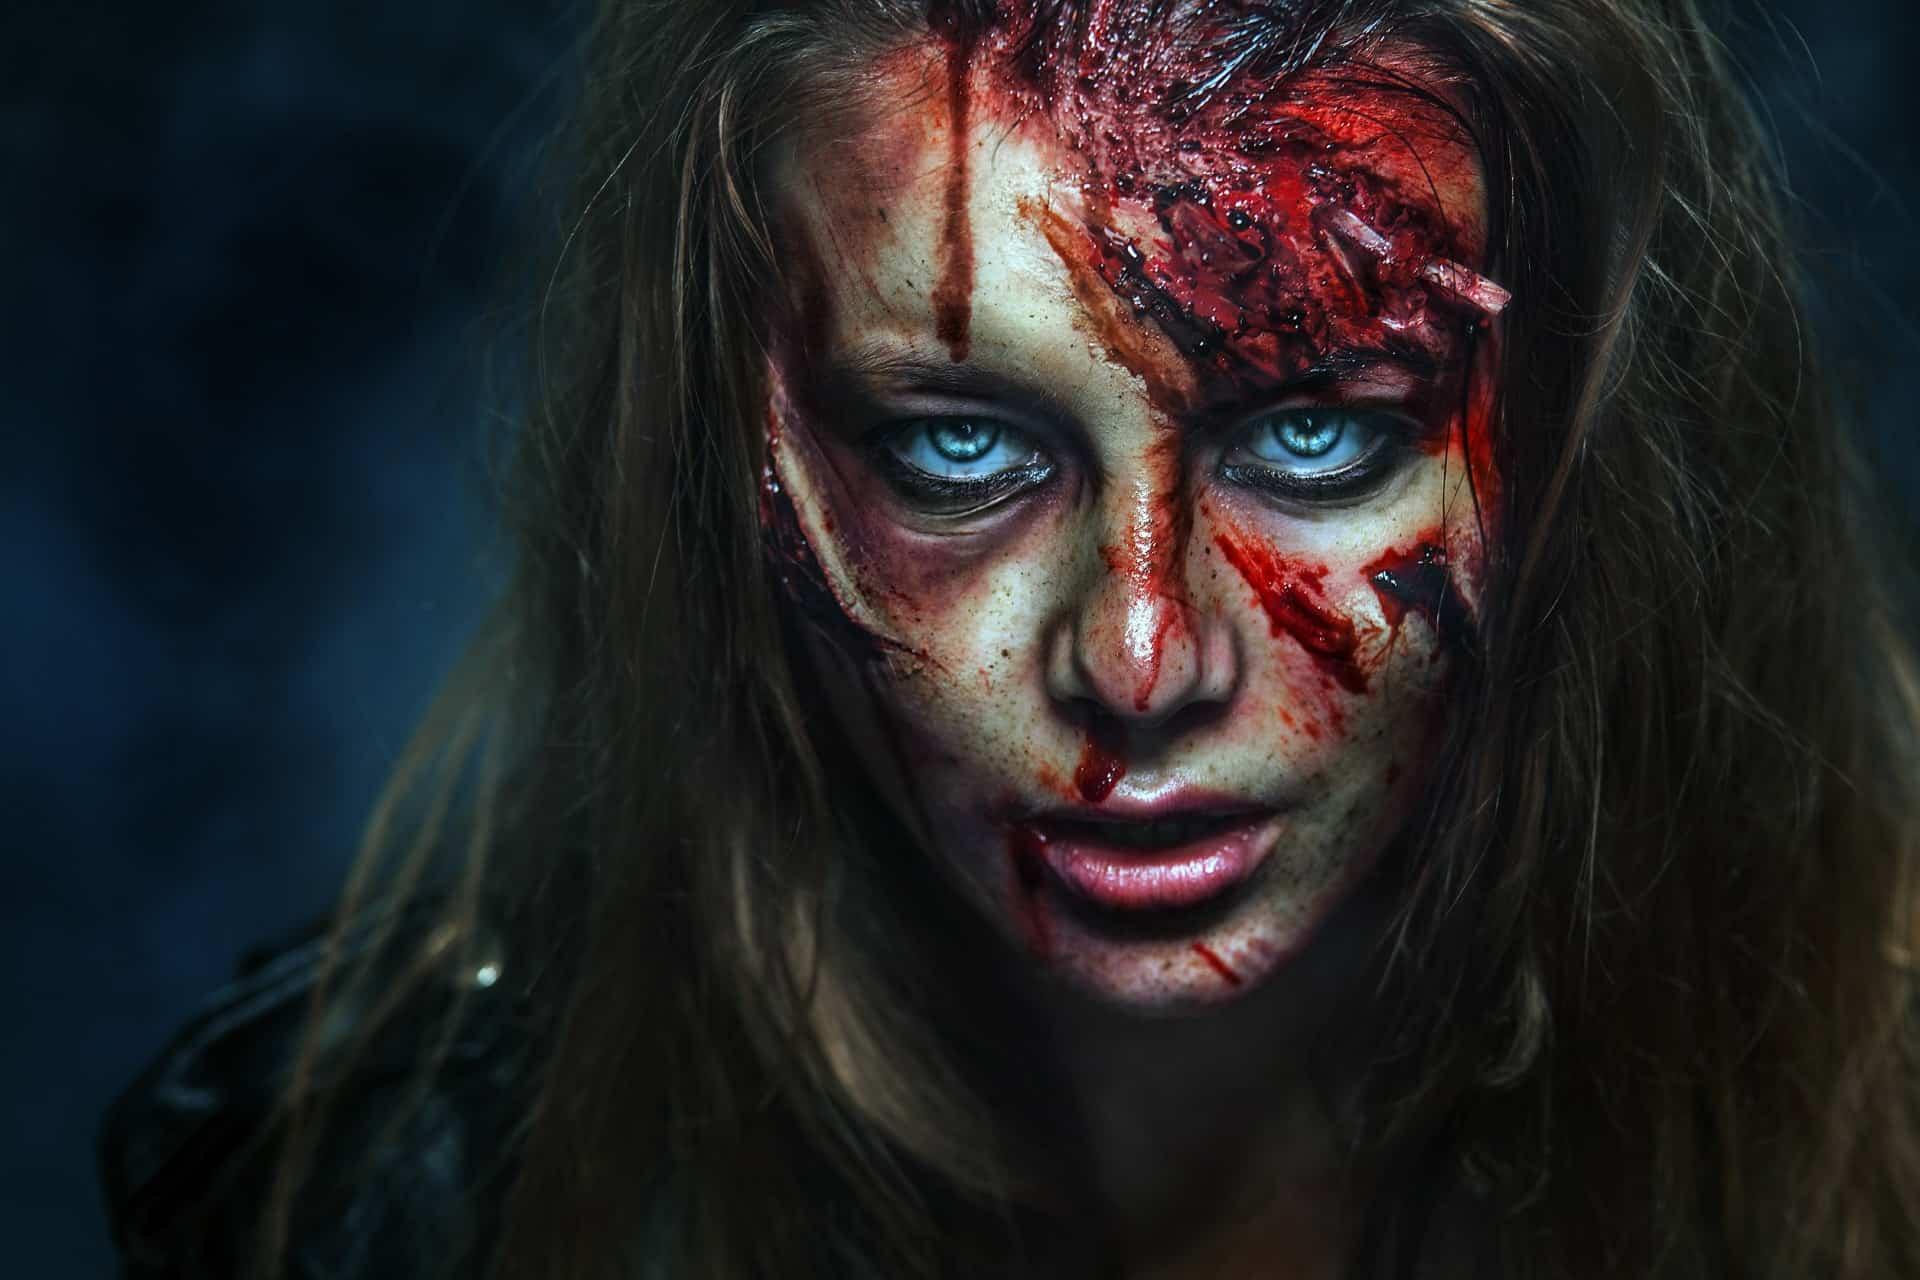 maquillage-cinema-fx-effets-speciaux-2